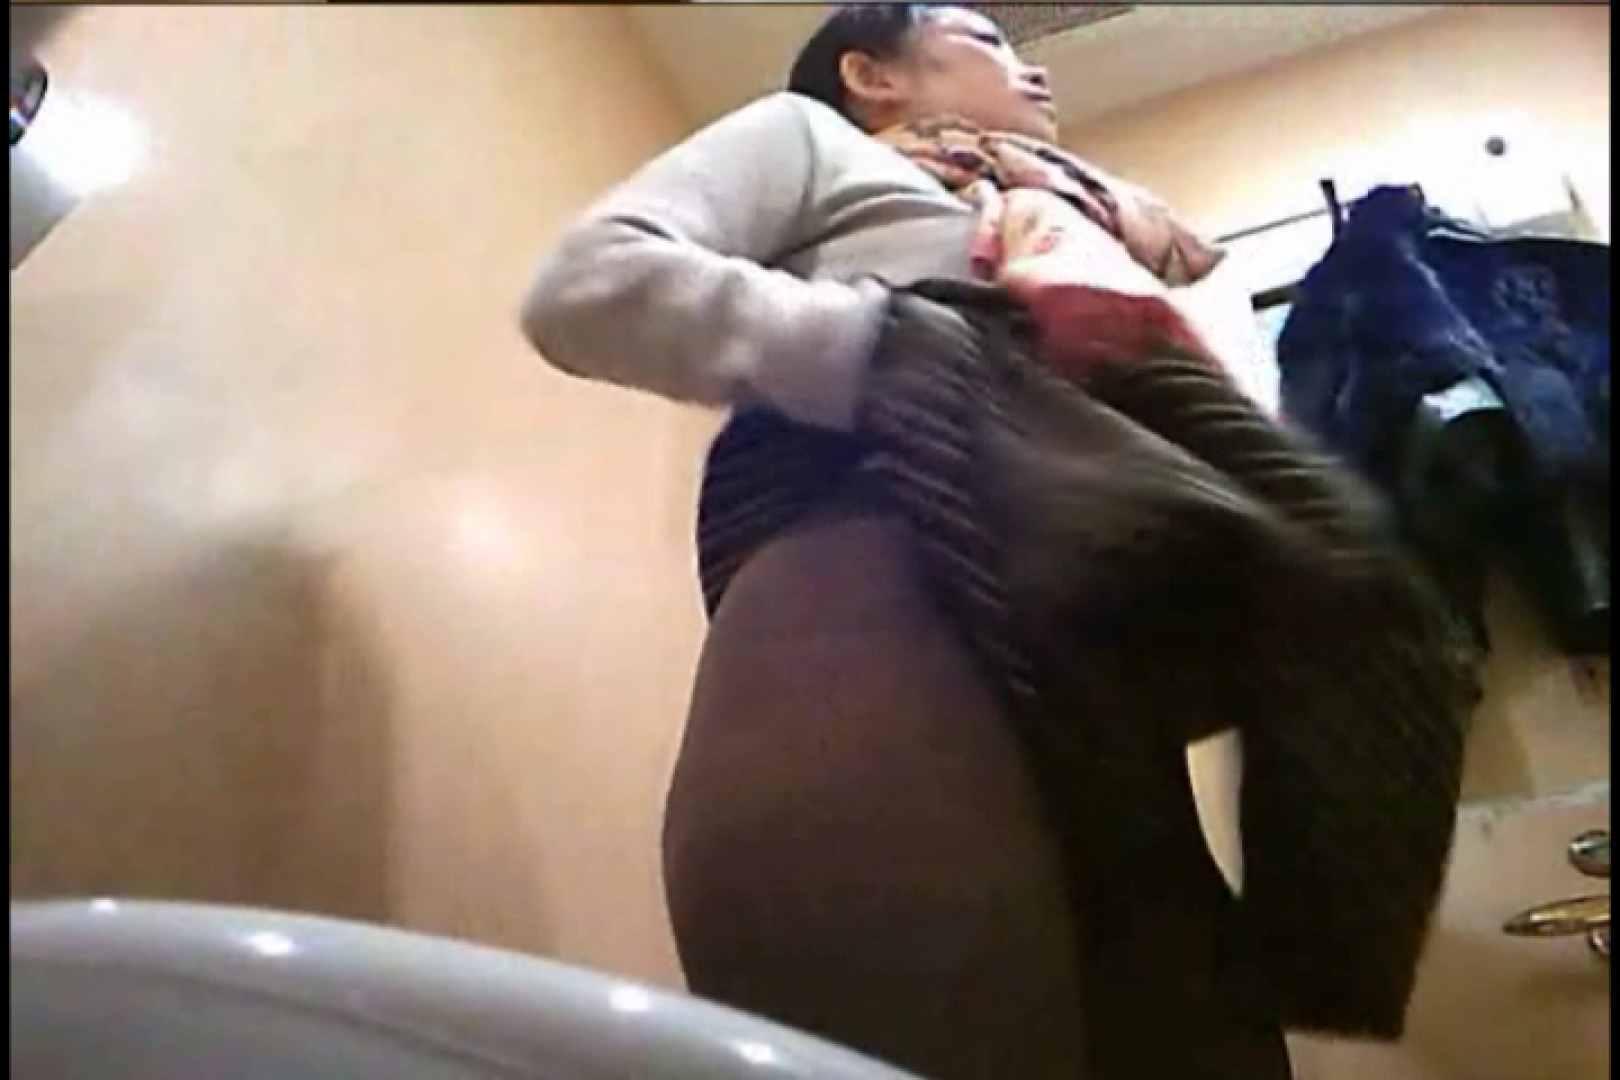 潜入!!女子化粧室盗撮~絶対見られたくない時間~vo,81 潜入突撃 エロ画像 82pic 53